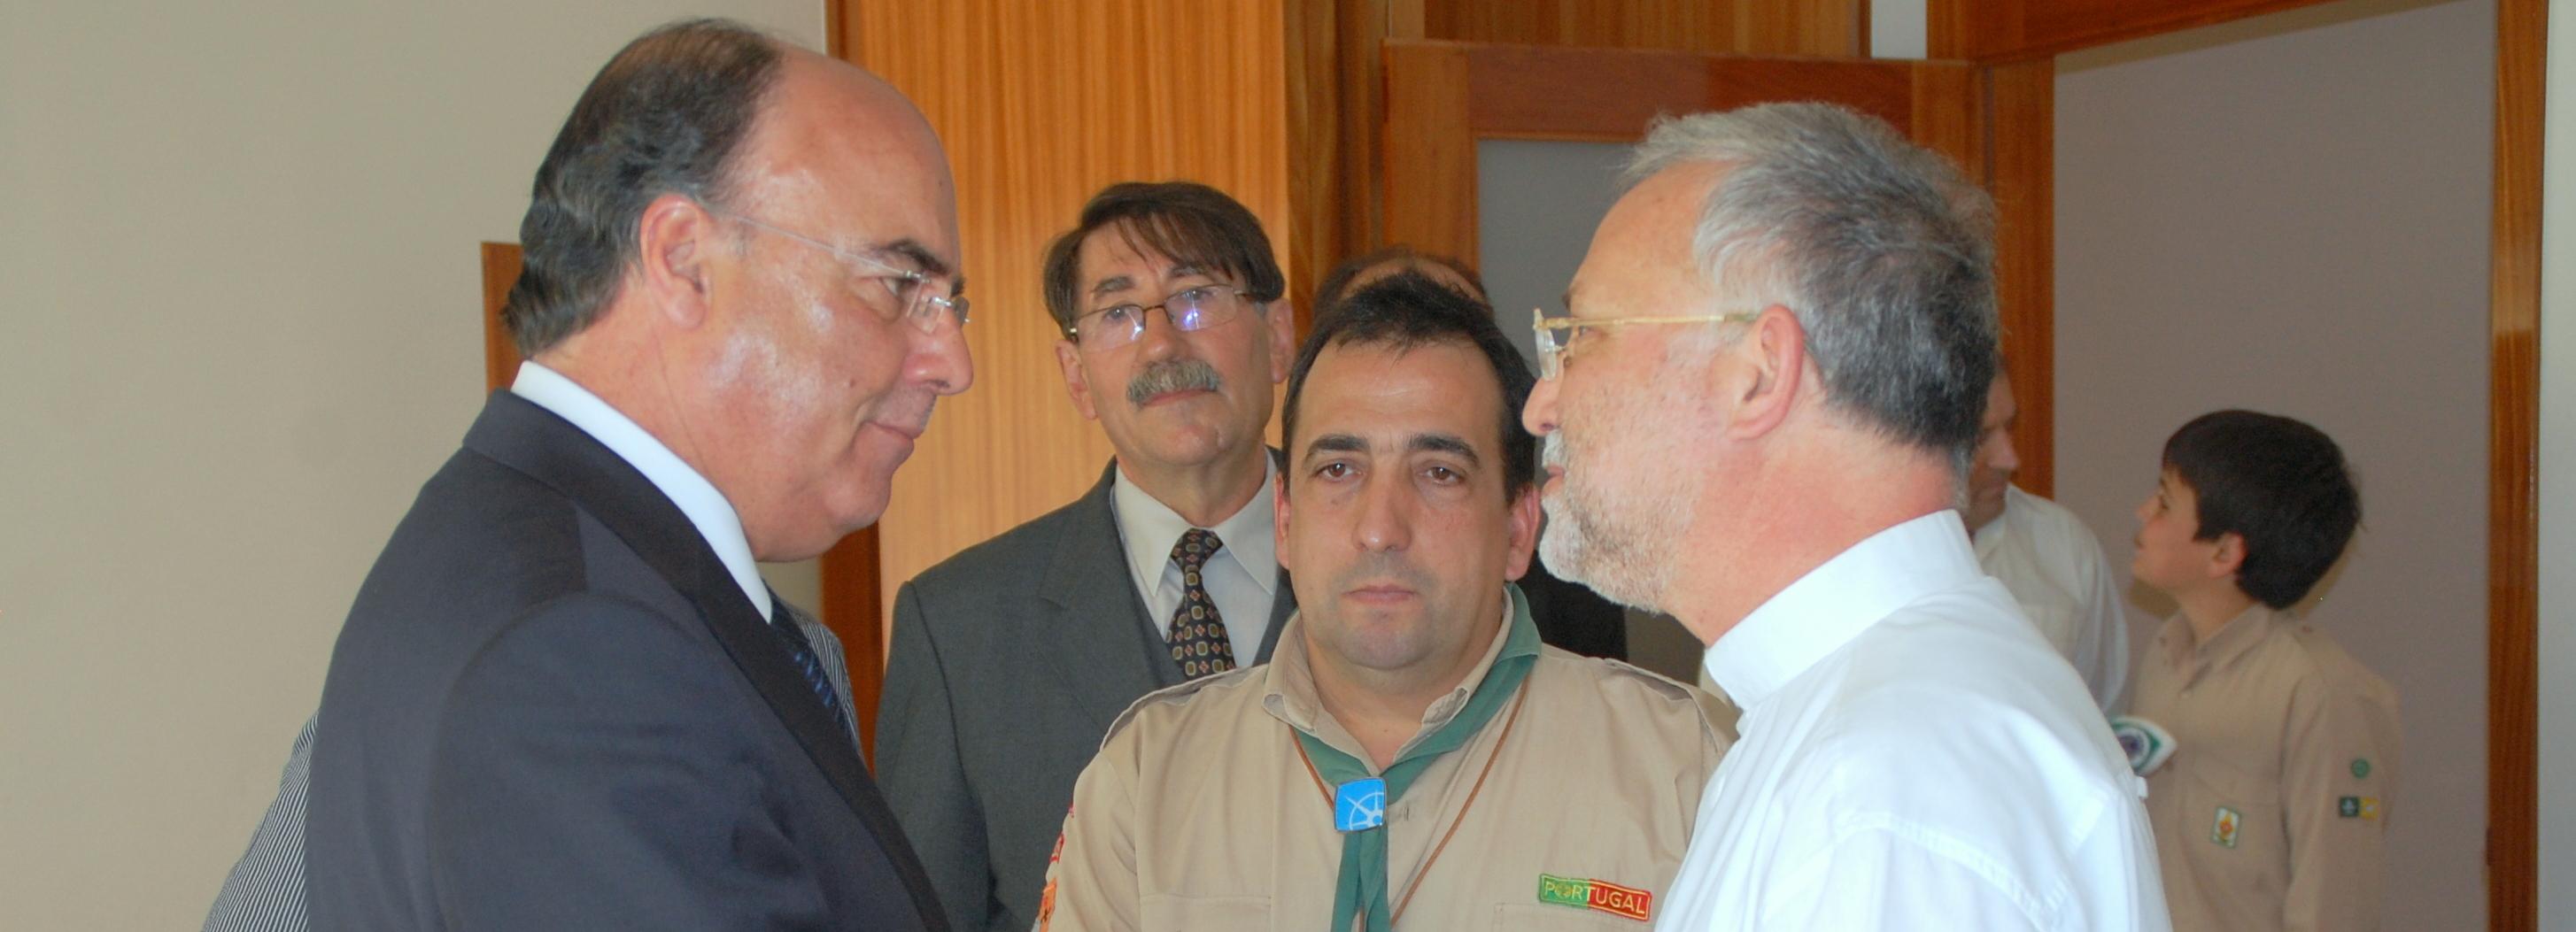 Presidente da Câmara visitou Centro Paroquial de Adães